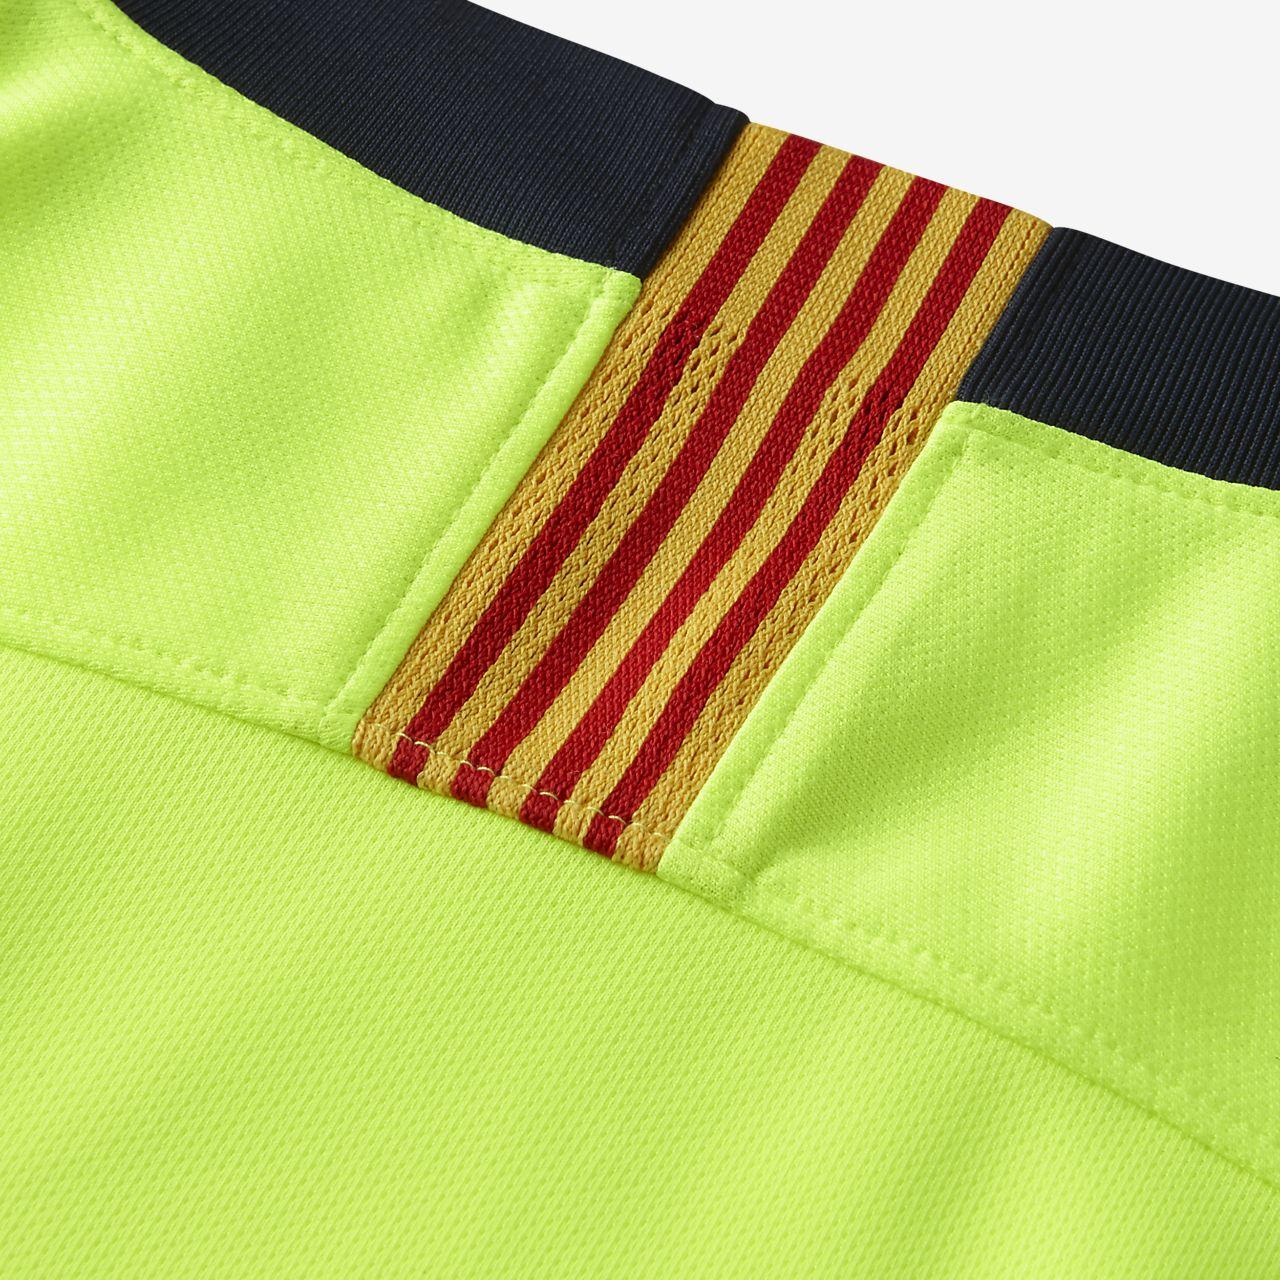 044c4de5d8f ... 2018/19 FC Barcelona Stadium Away Men's Long-Sleeve Football Shirt